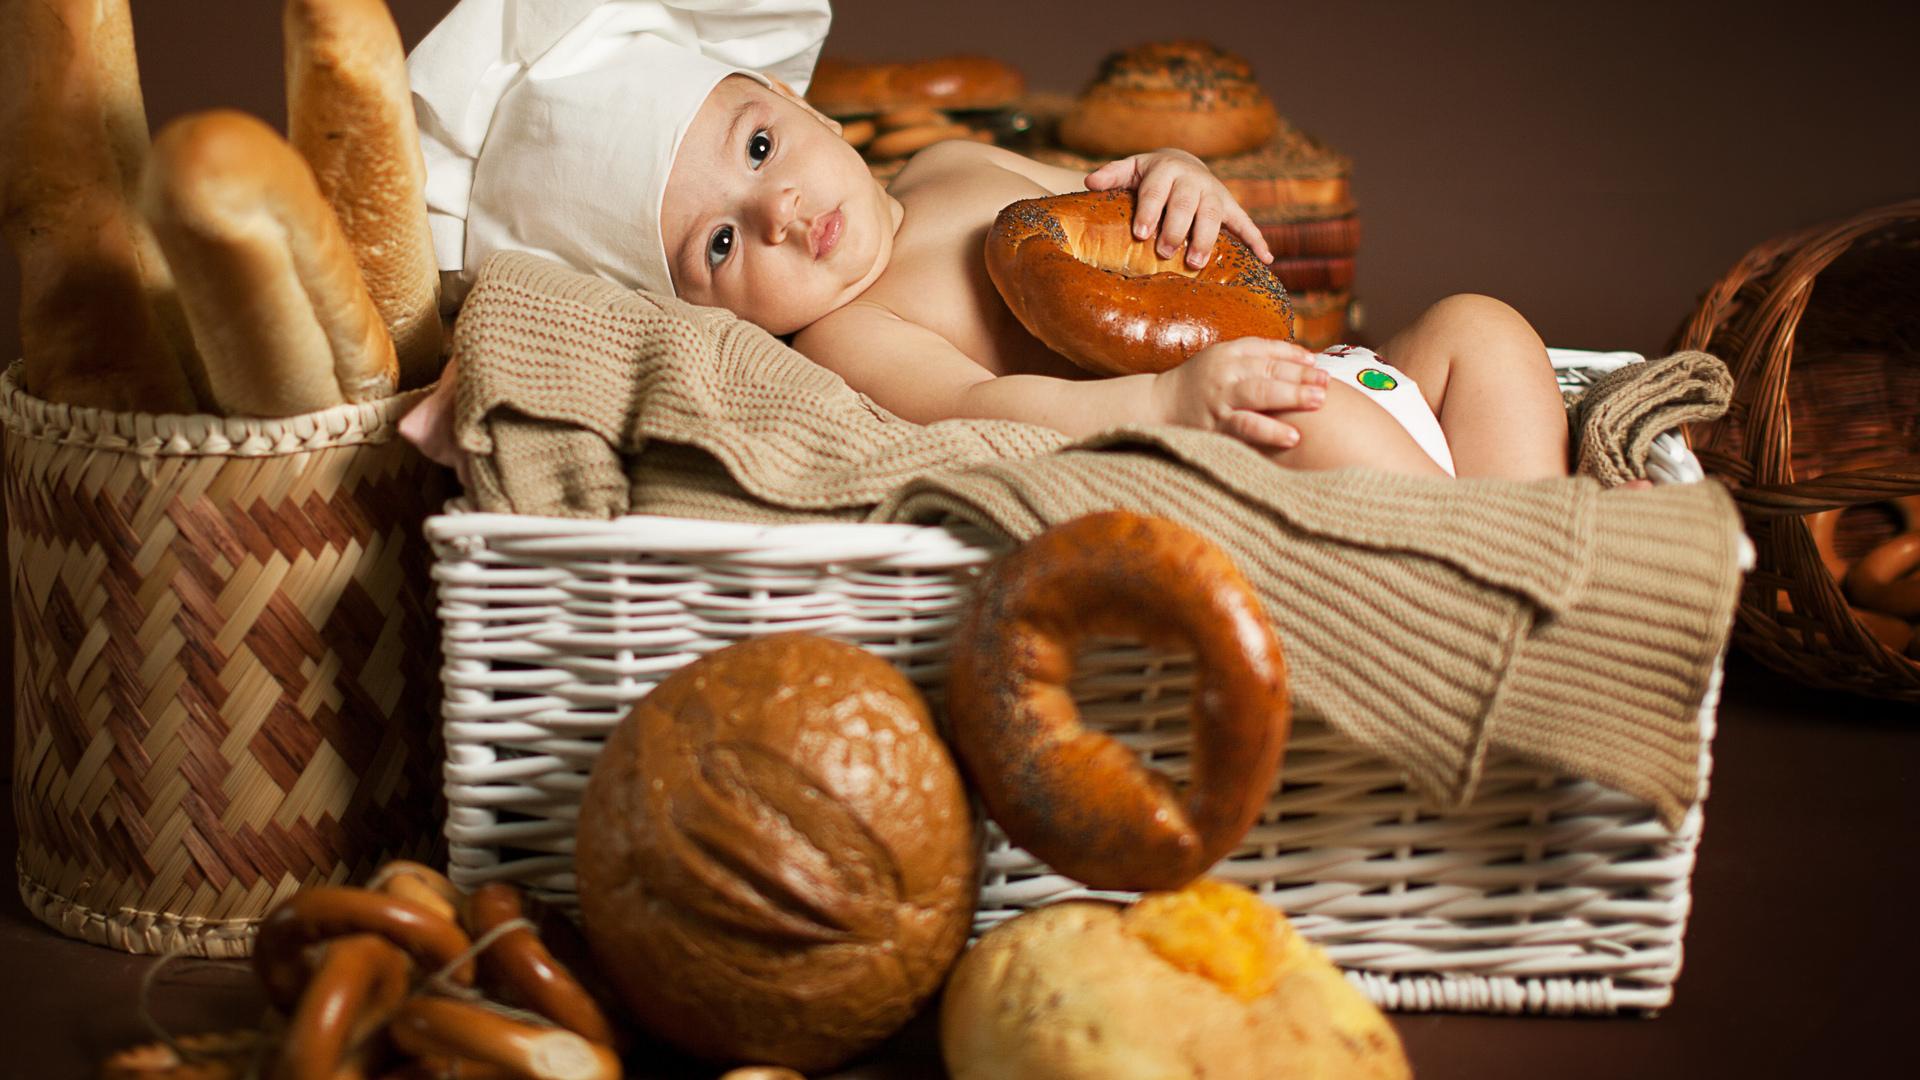 Хлебозавод смешные картинки